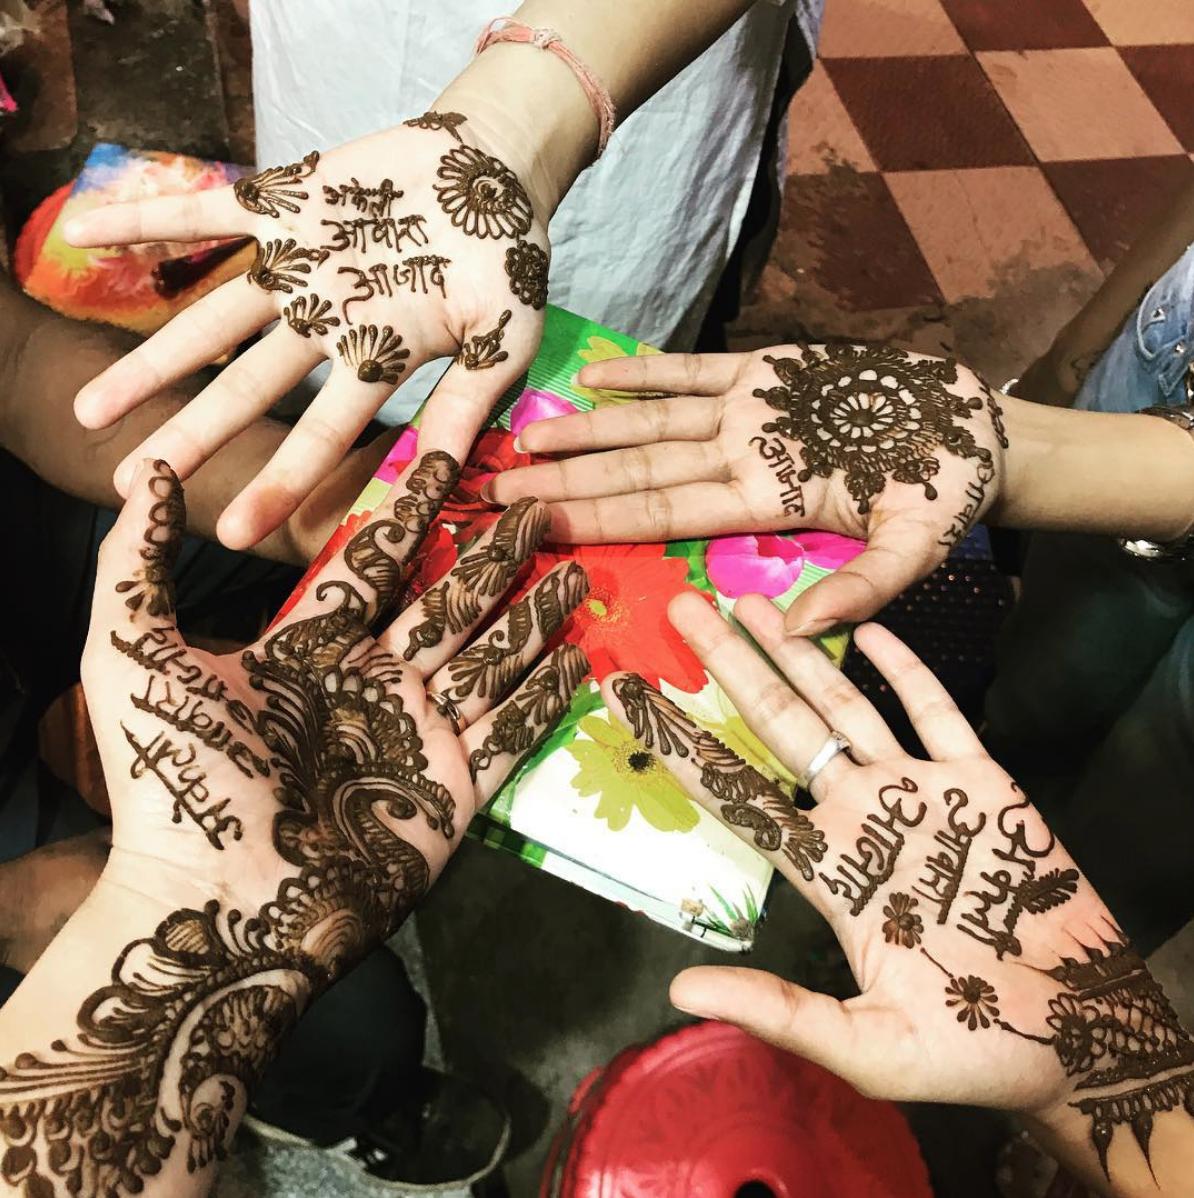 Action Sheroes Aditi Majumdar, Eeshita Kapadiya, Lisa M Keighery, Jasmeen Patheja